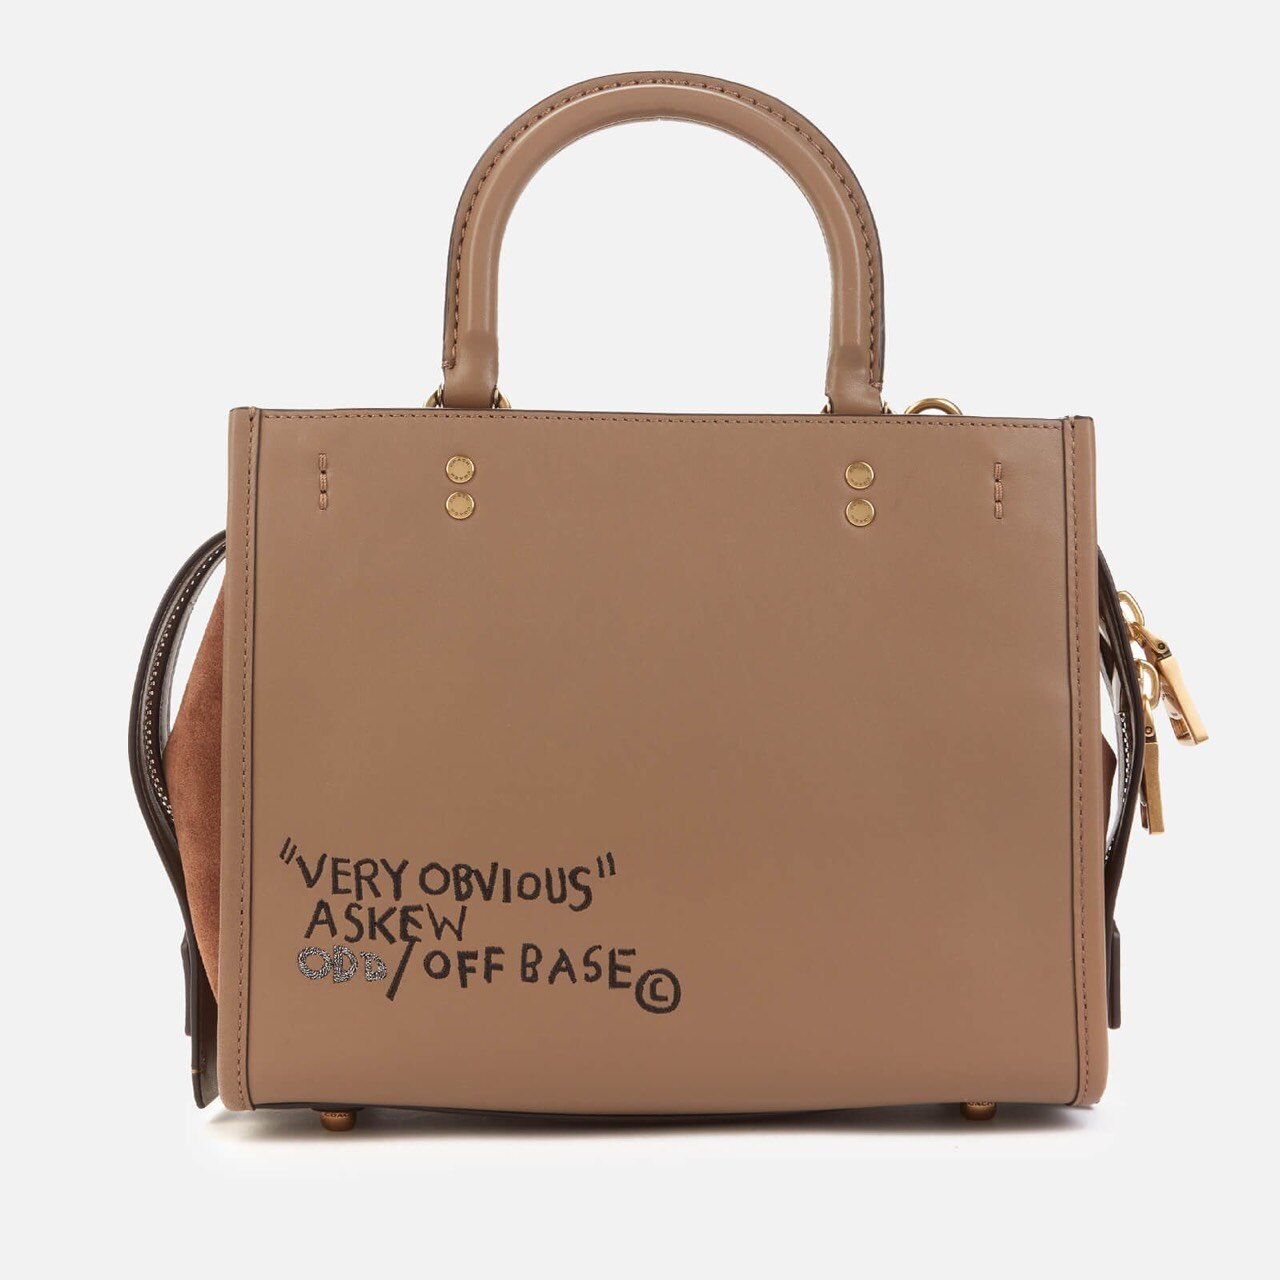 Coach X Basquiat Rogue Bag 25側背包 台灣售價37800 限時折扣$25800/